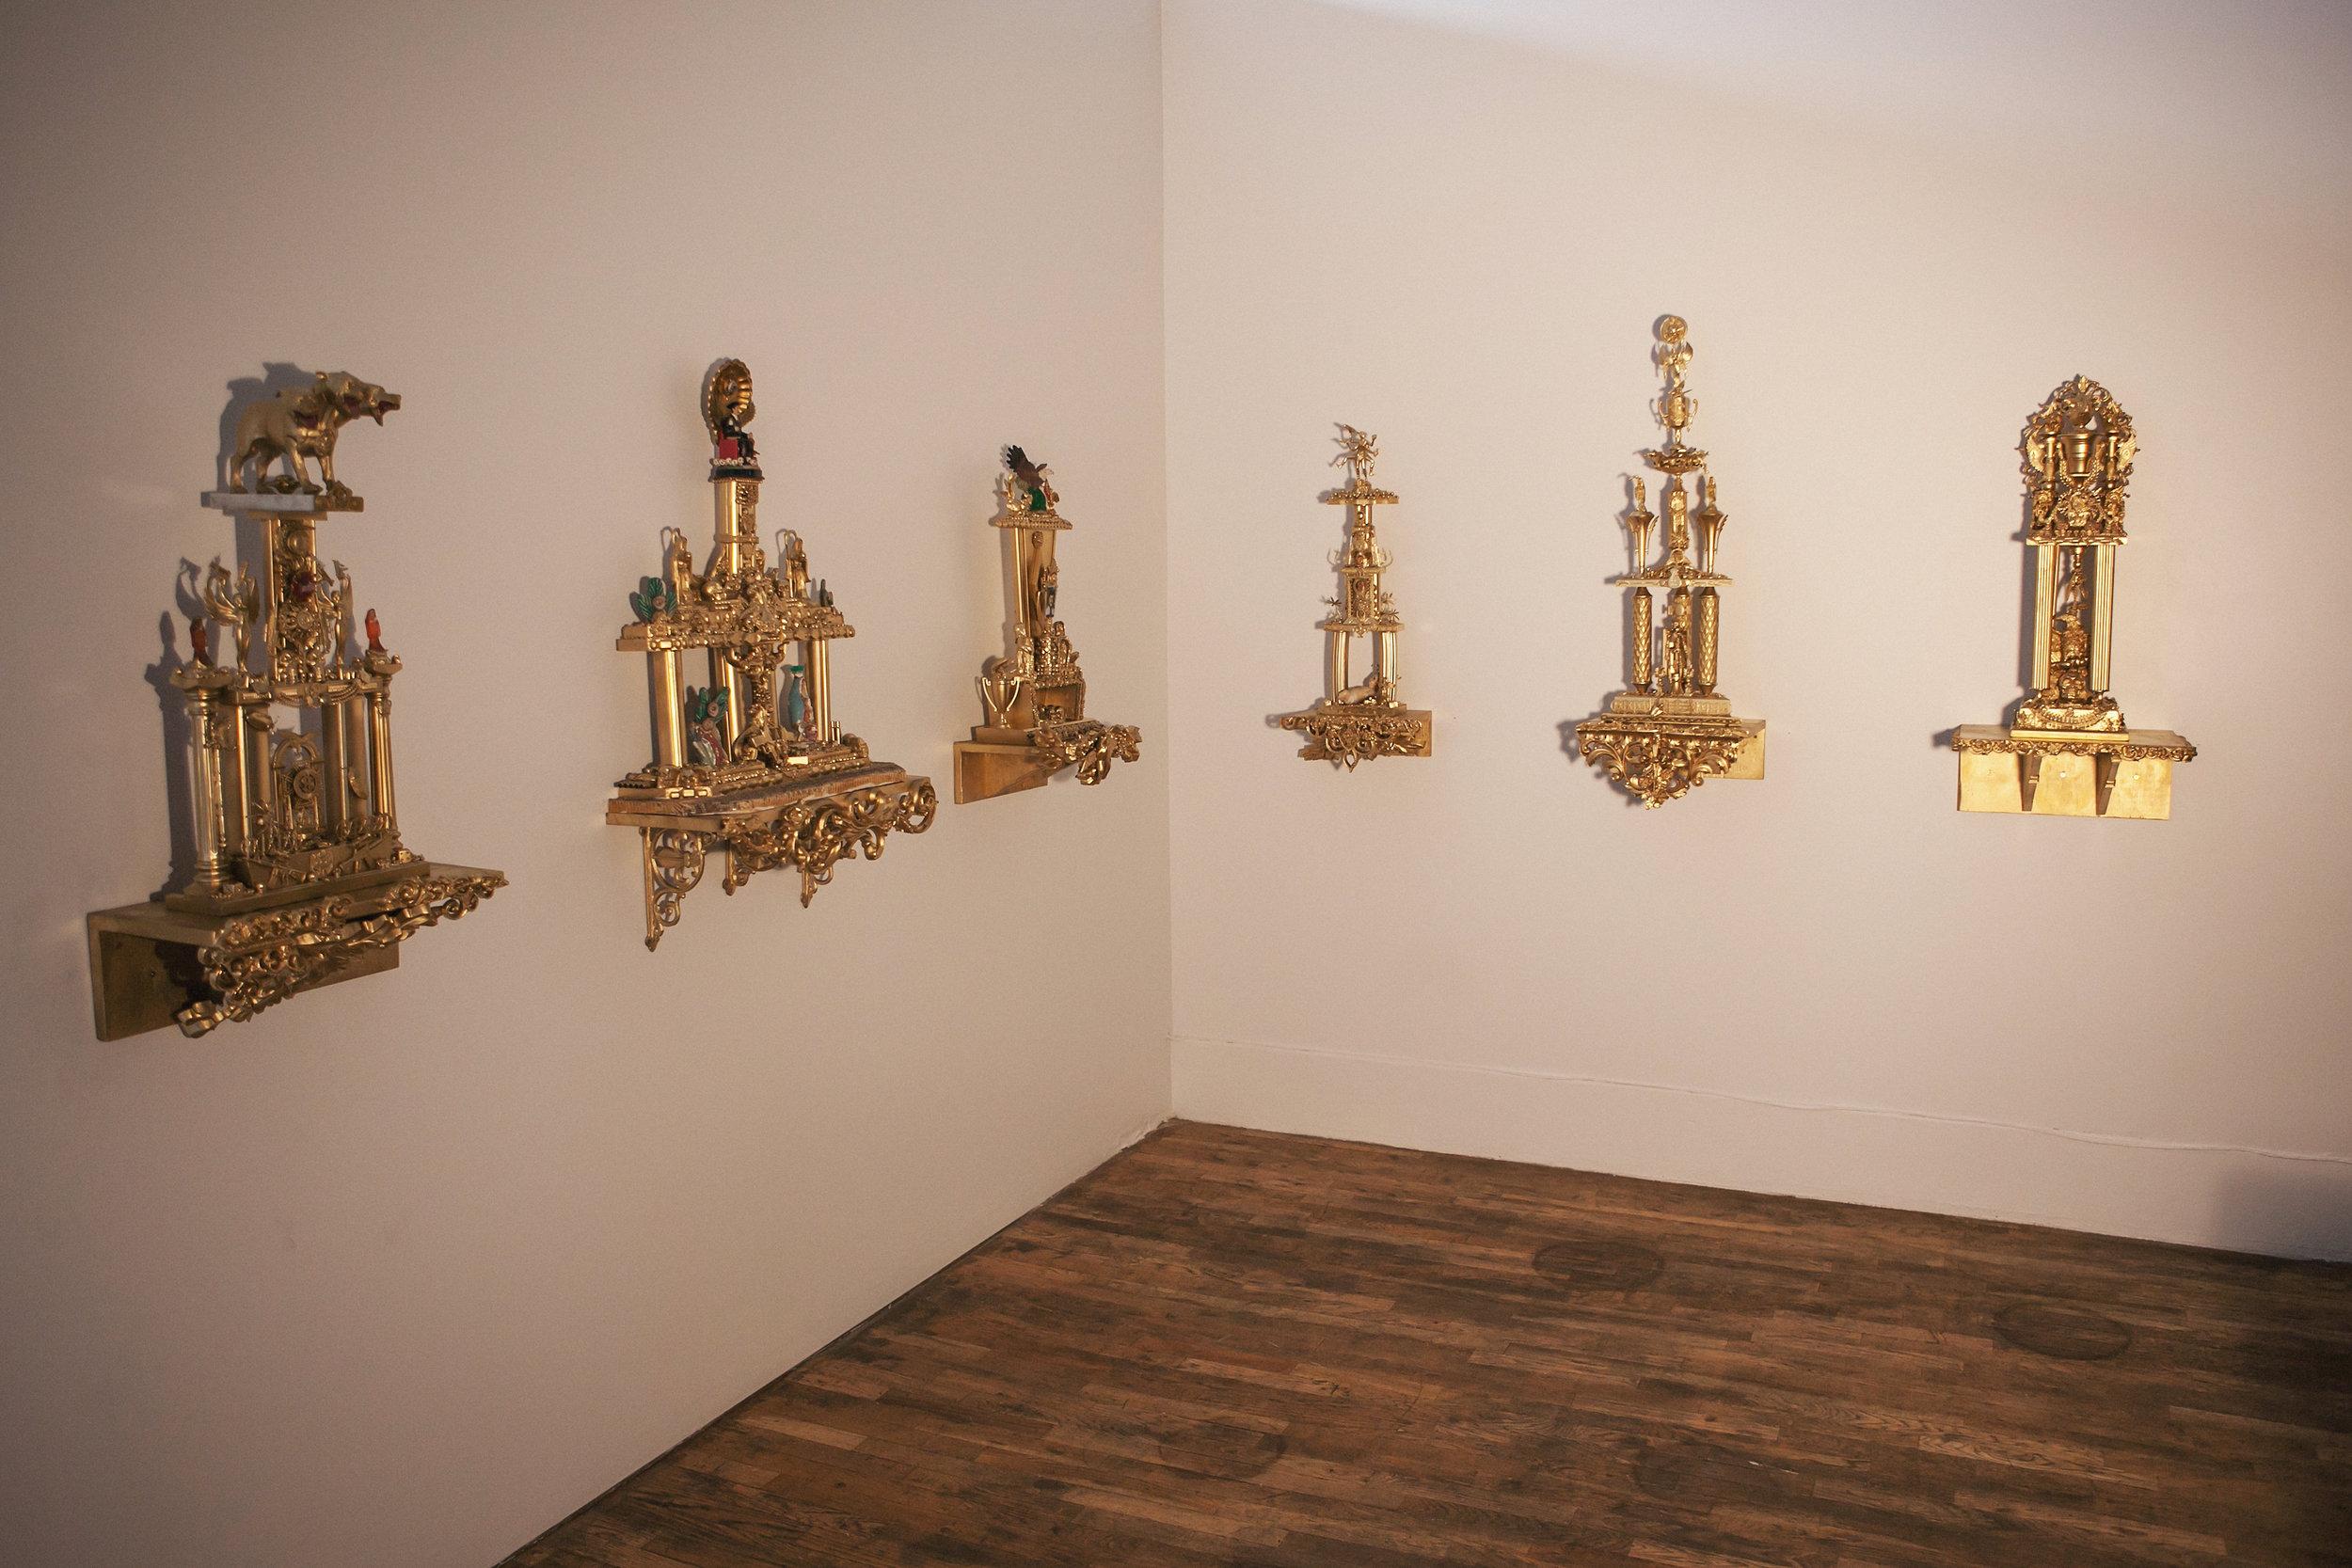 Cartel Trophies  Gallery View